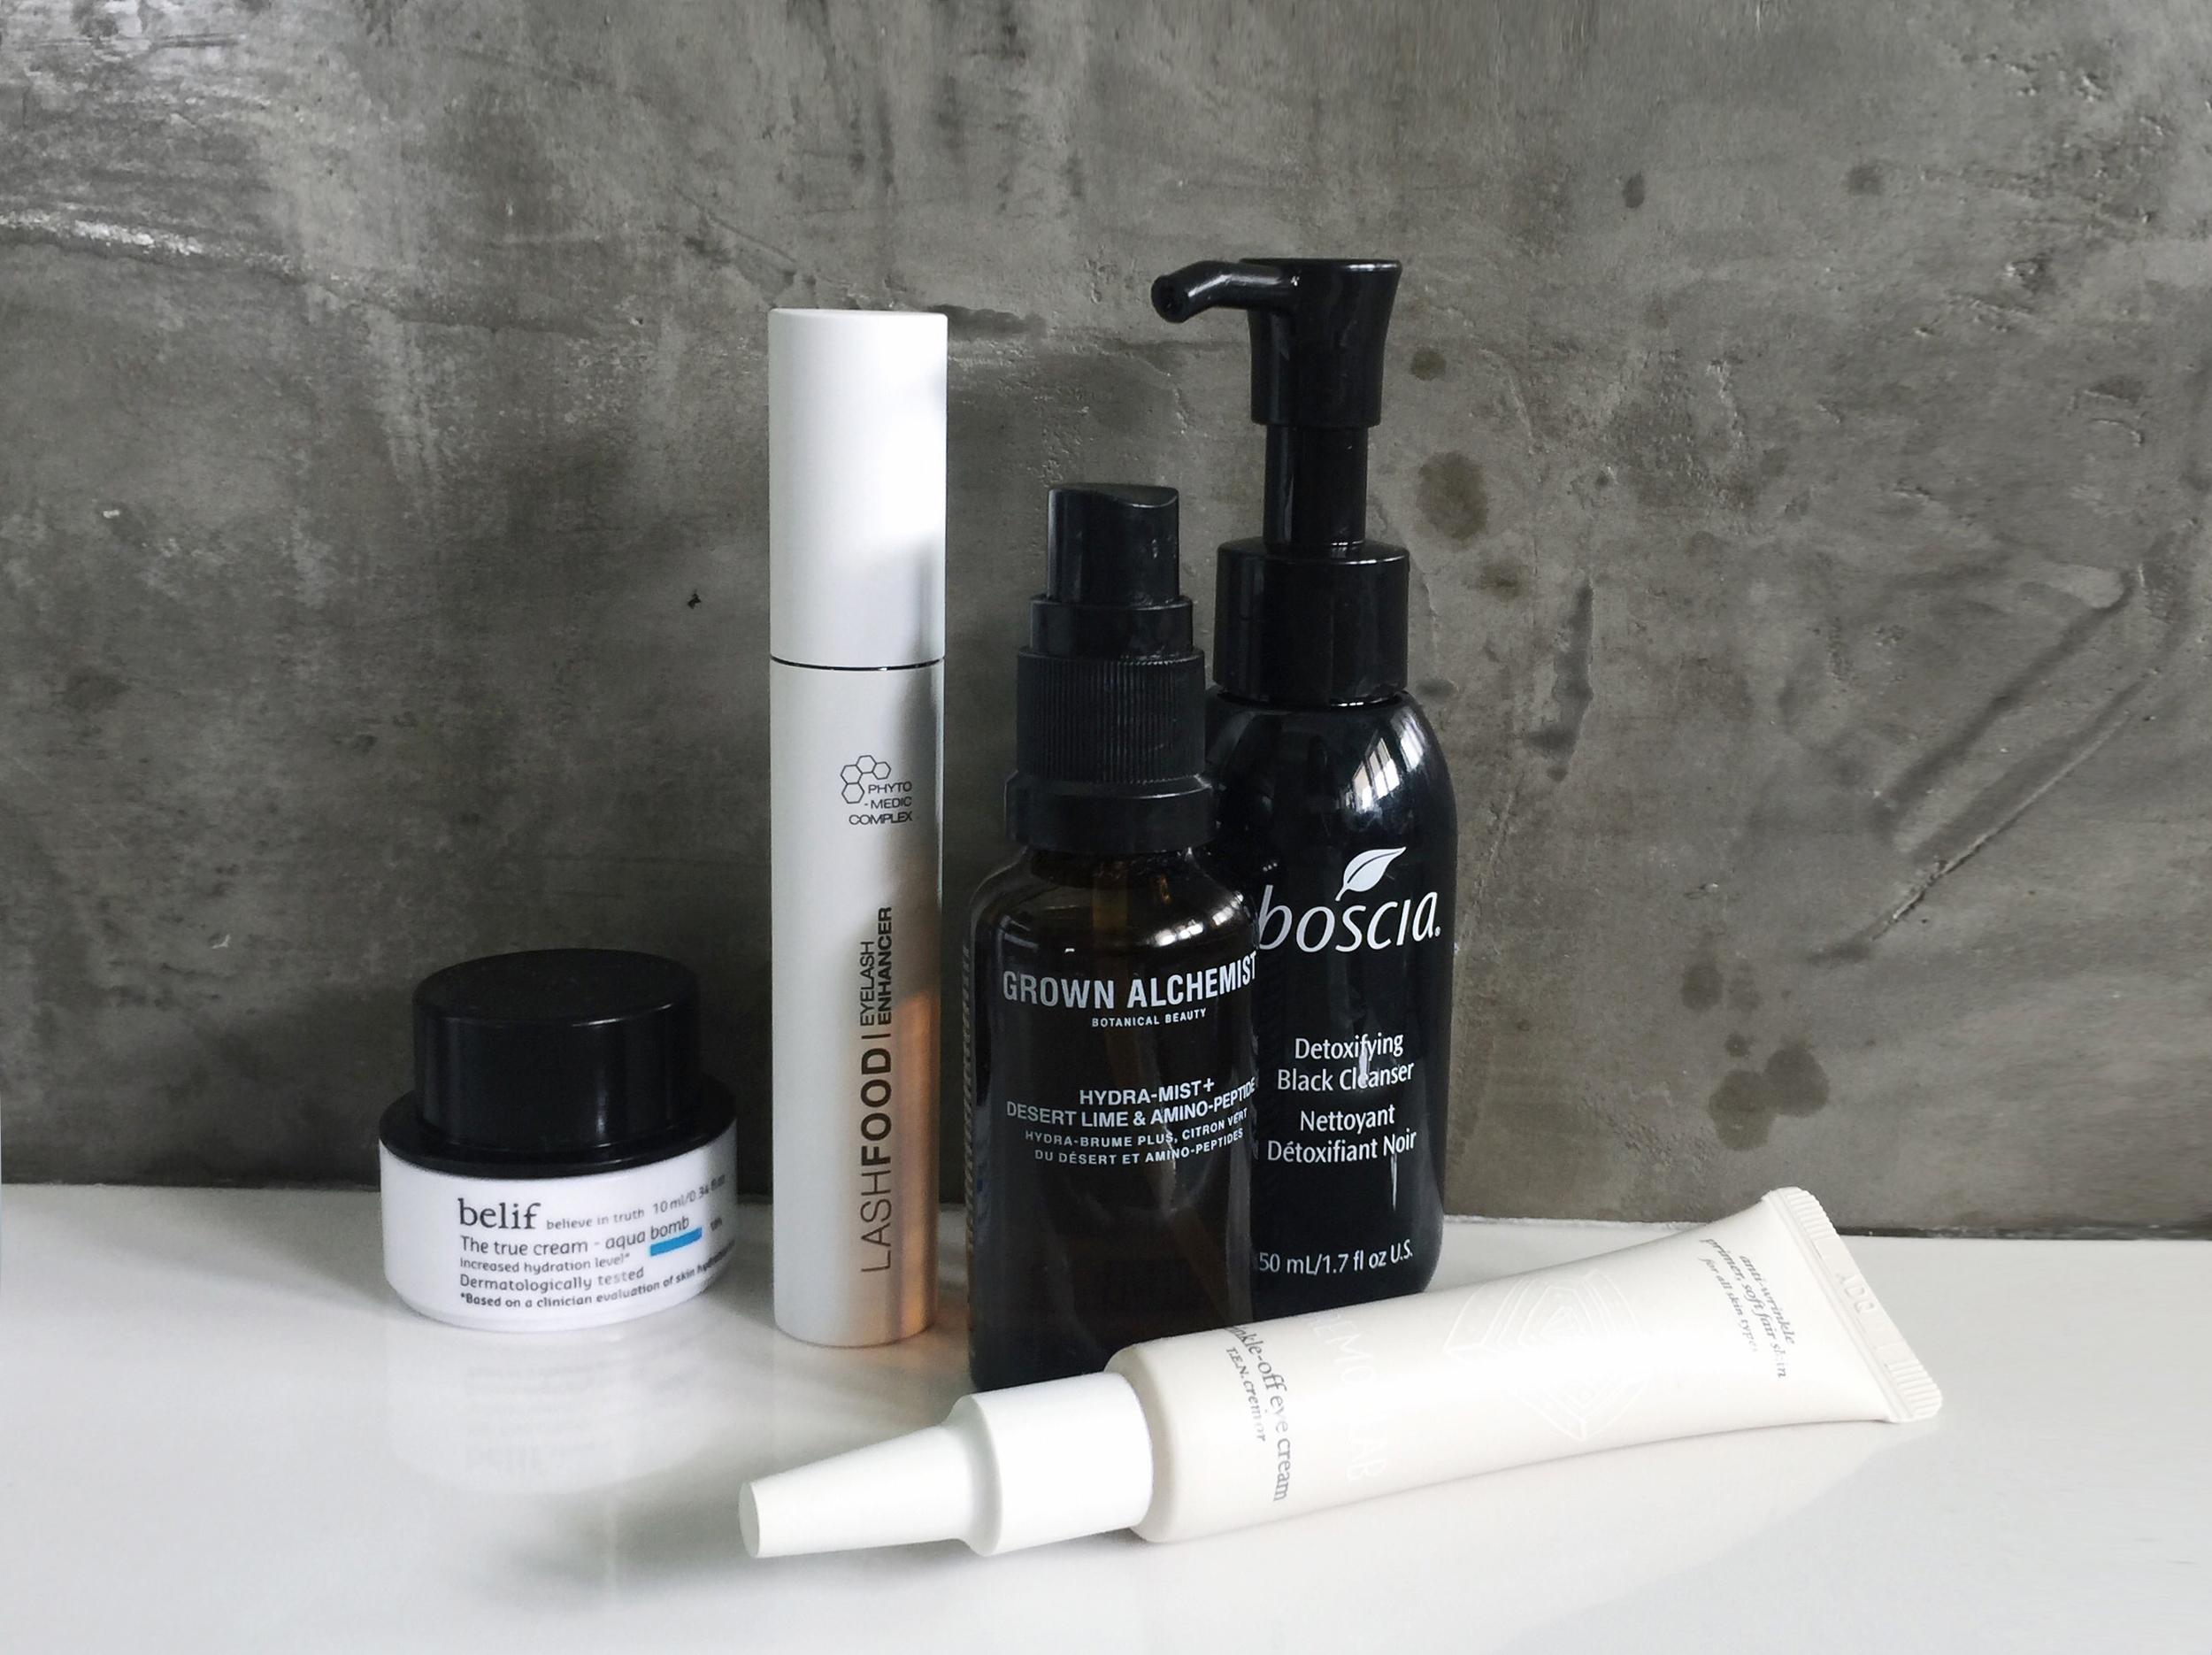 BELIF   Aqua Bomb   / LASHFOOD   Lash Enhancer   / GROWN ALCHEMIST   Hydra-Mist   /BOSCIA   Detoxifying Cleanser  / CREMORLAB   Eye cream